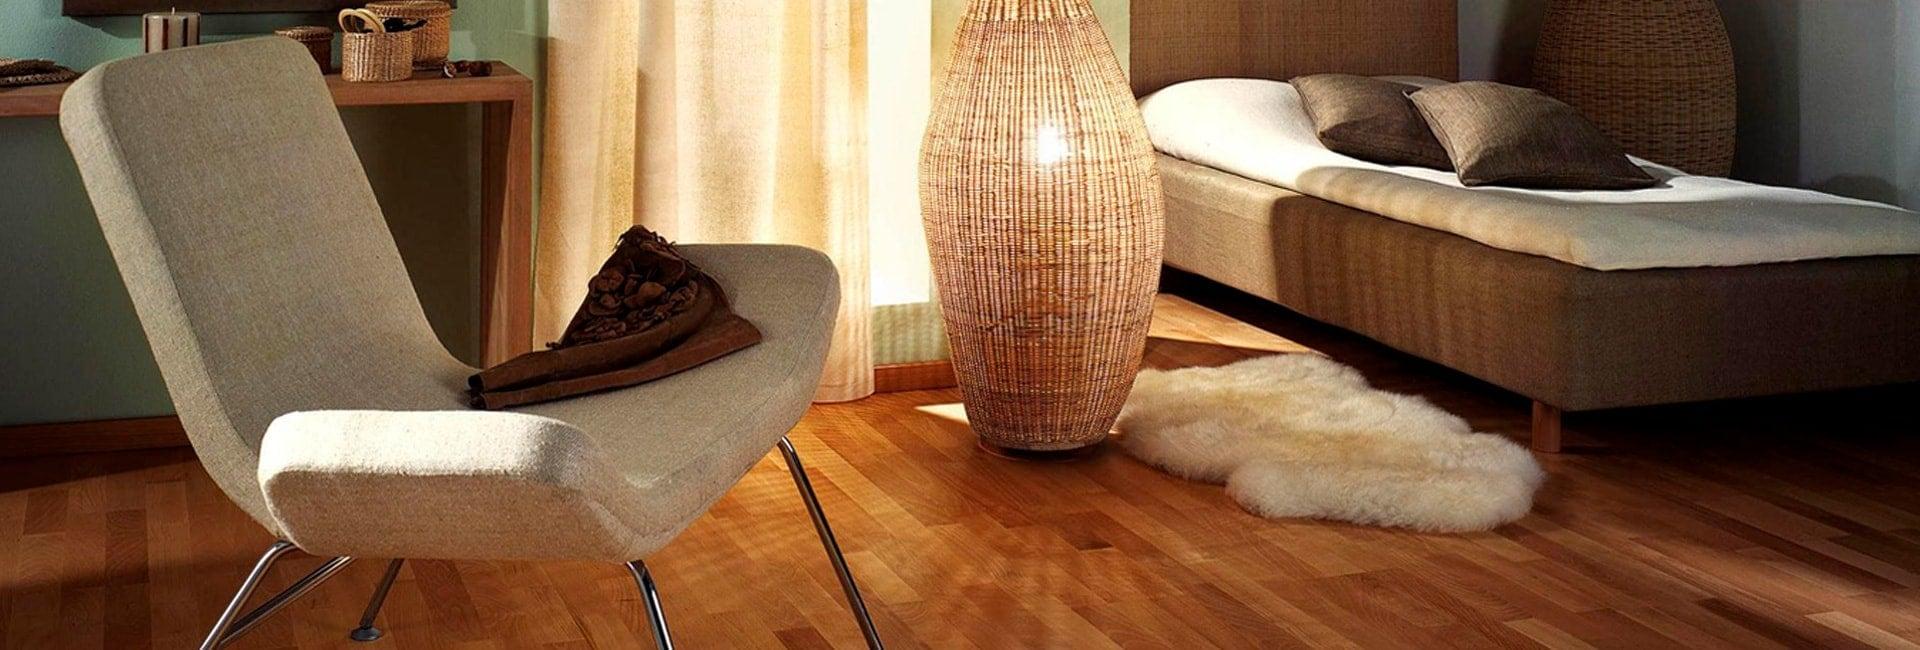 Wohnzimmer von Holz Heck